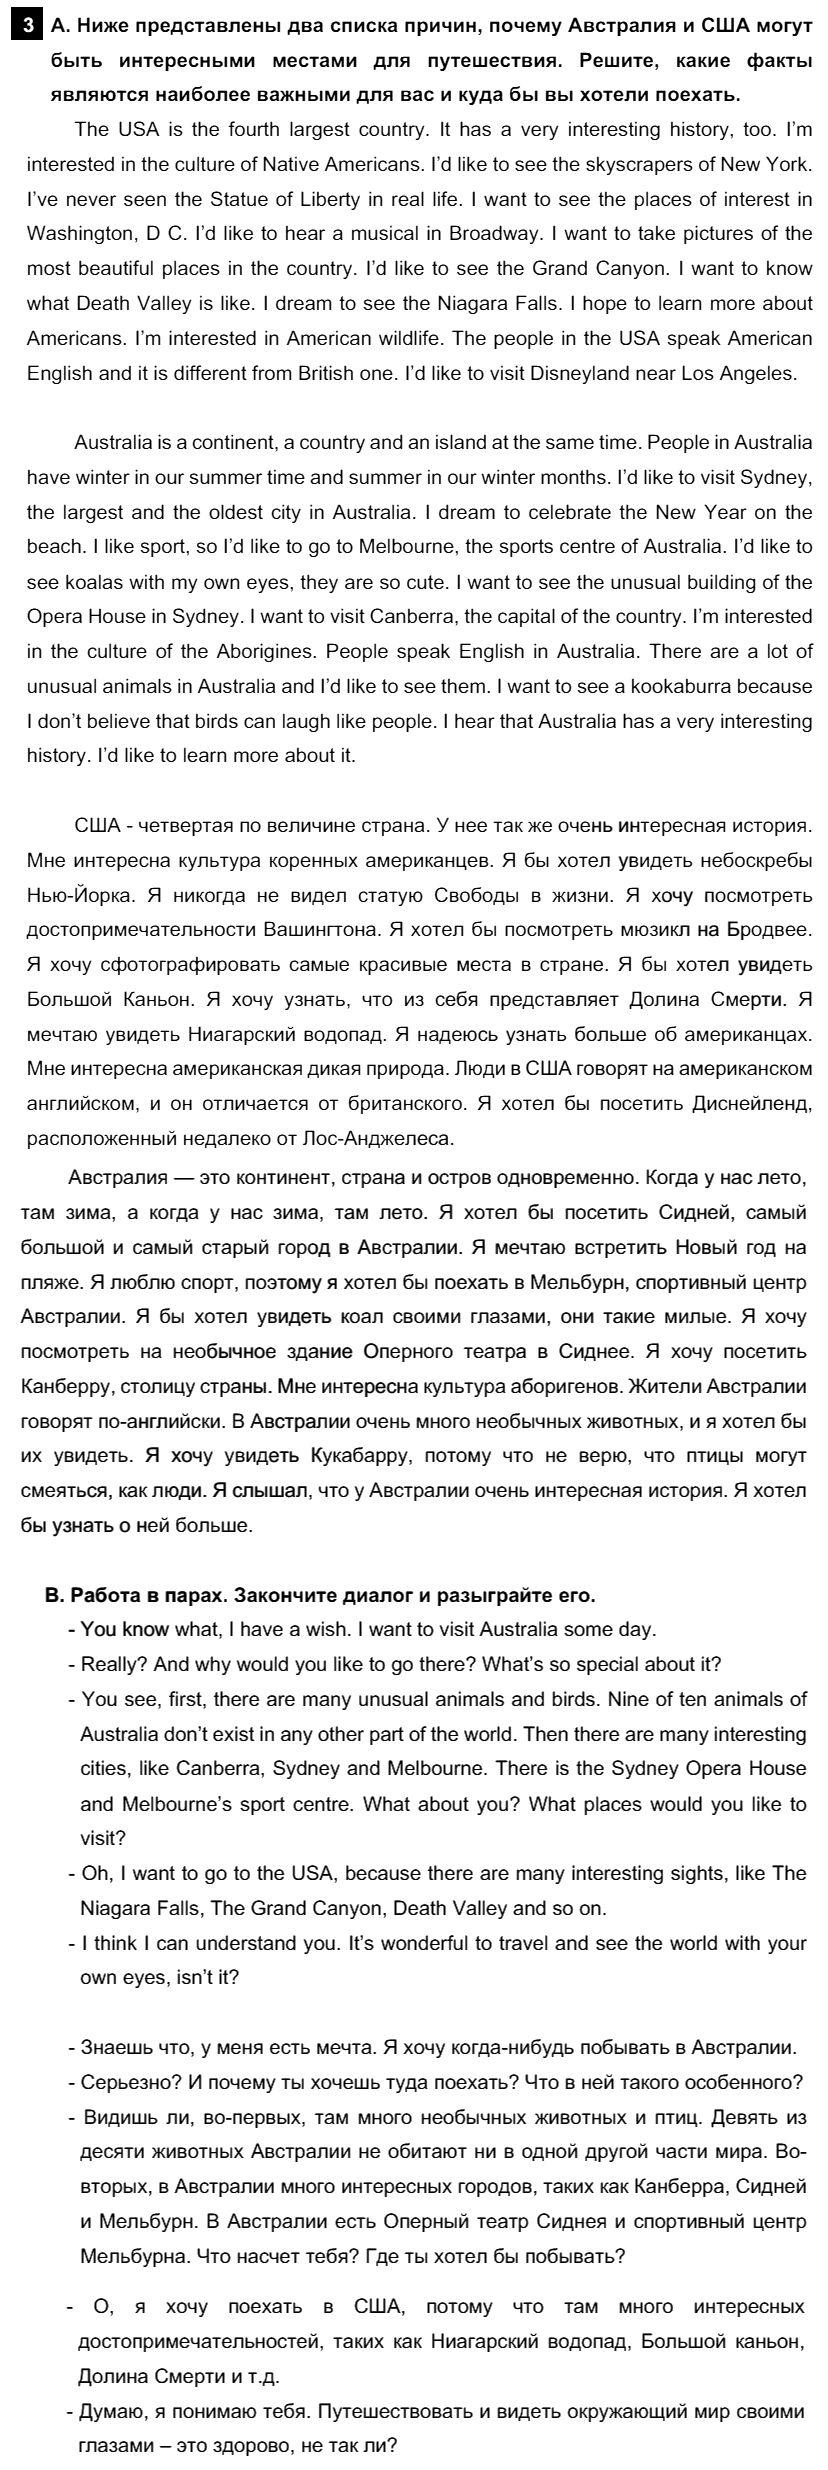 Английский язык 7 класс Афанасьева О. В. Unit 3. Несколько фактов об англоговорящем мире / Шаг 7: 3